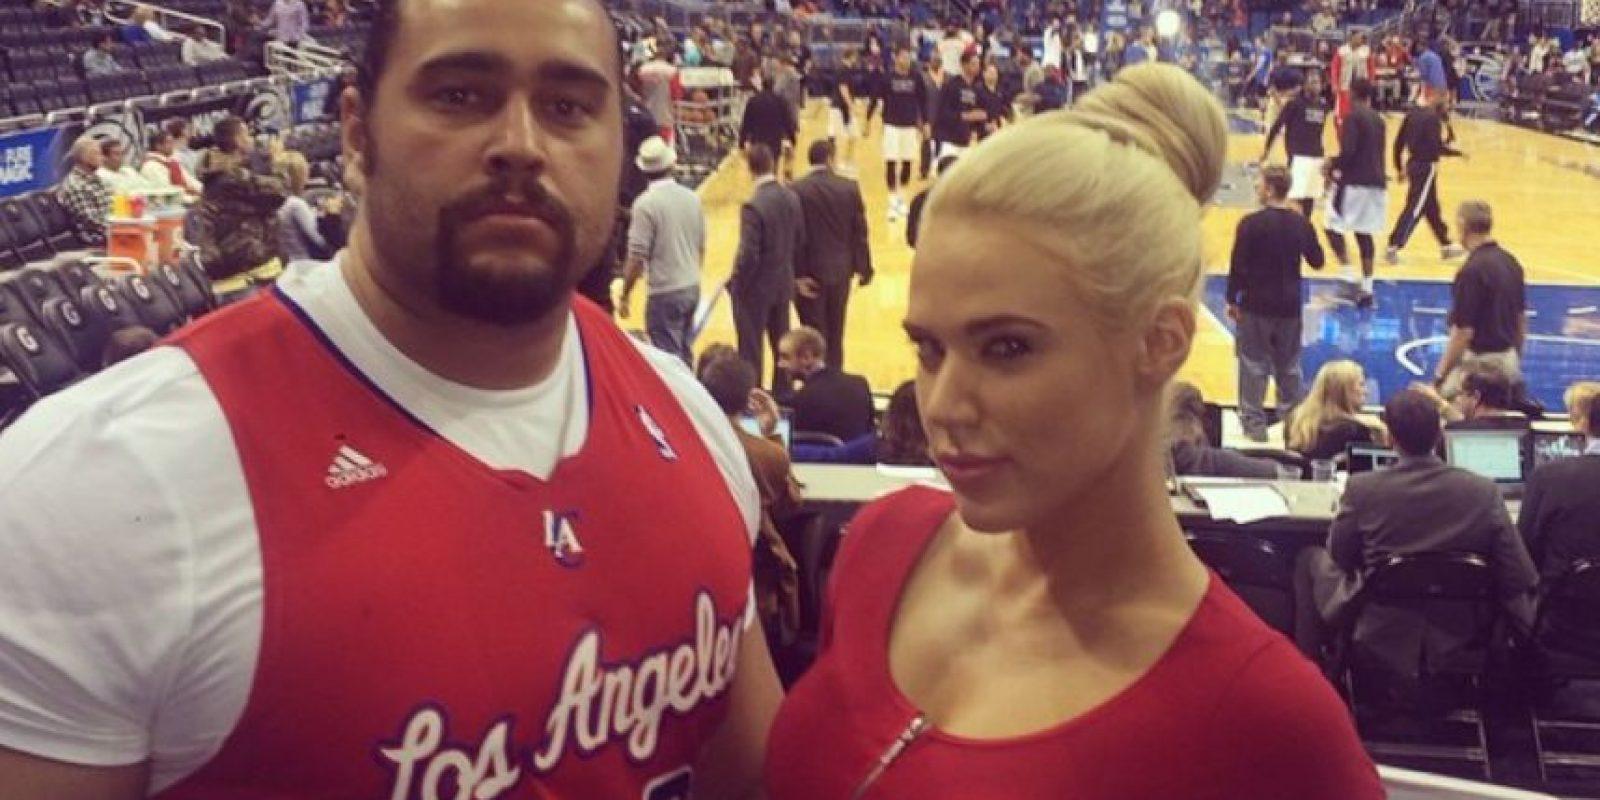 Rusev es managedo por Lana, pero fuera de los cuadriláteros mantienen una relación Foto:Instagram: @thelanawwe